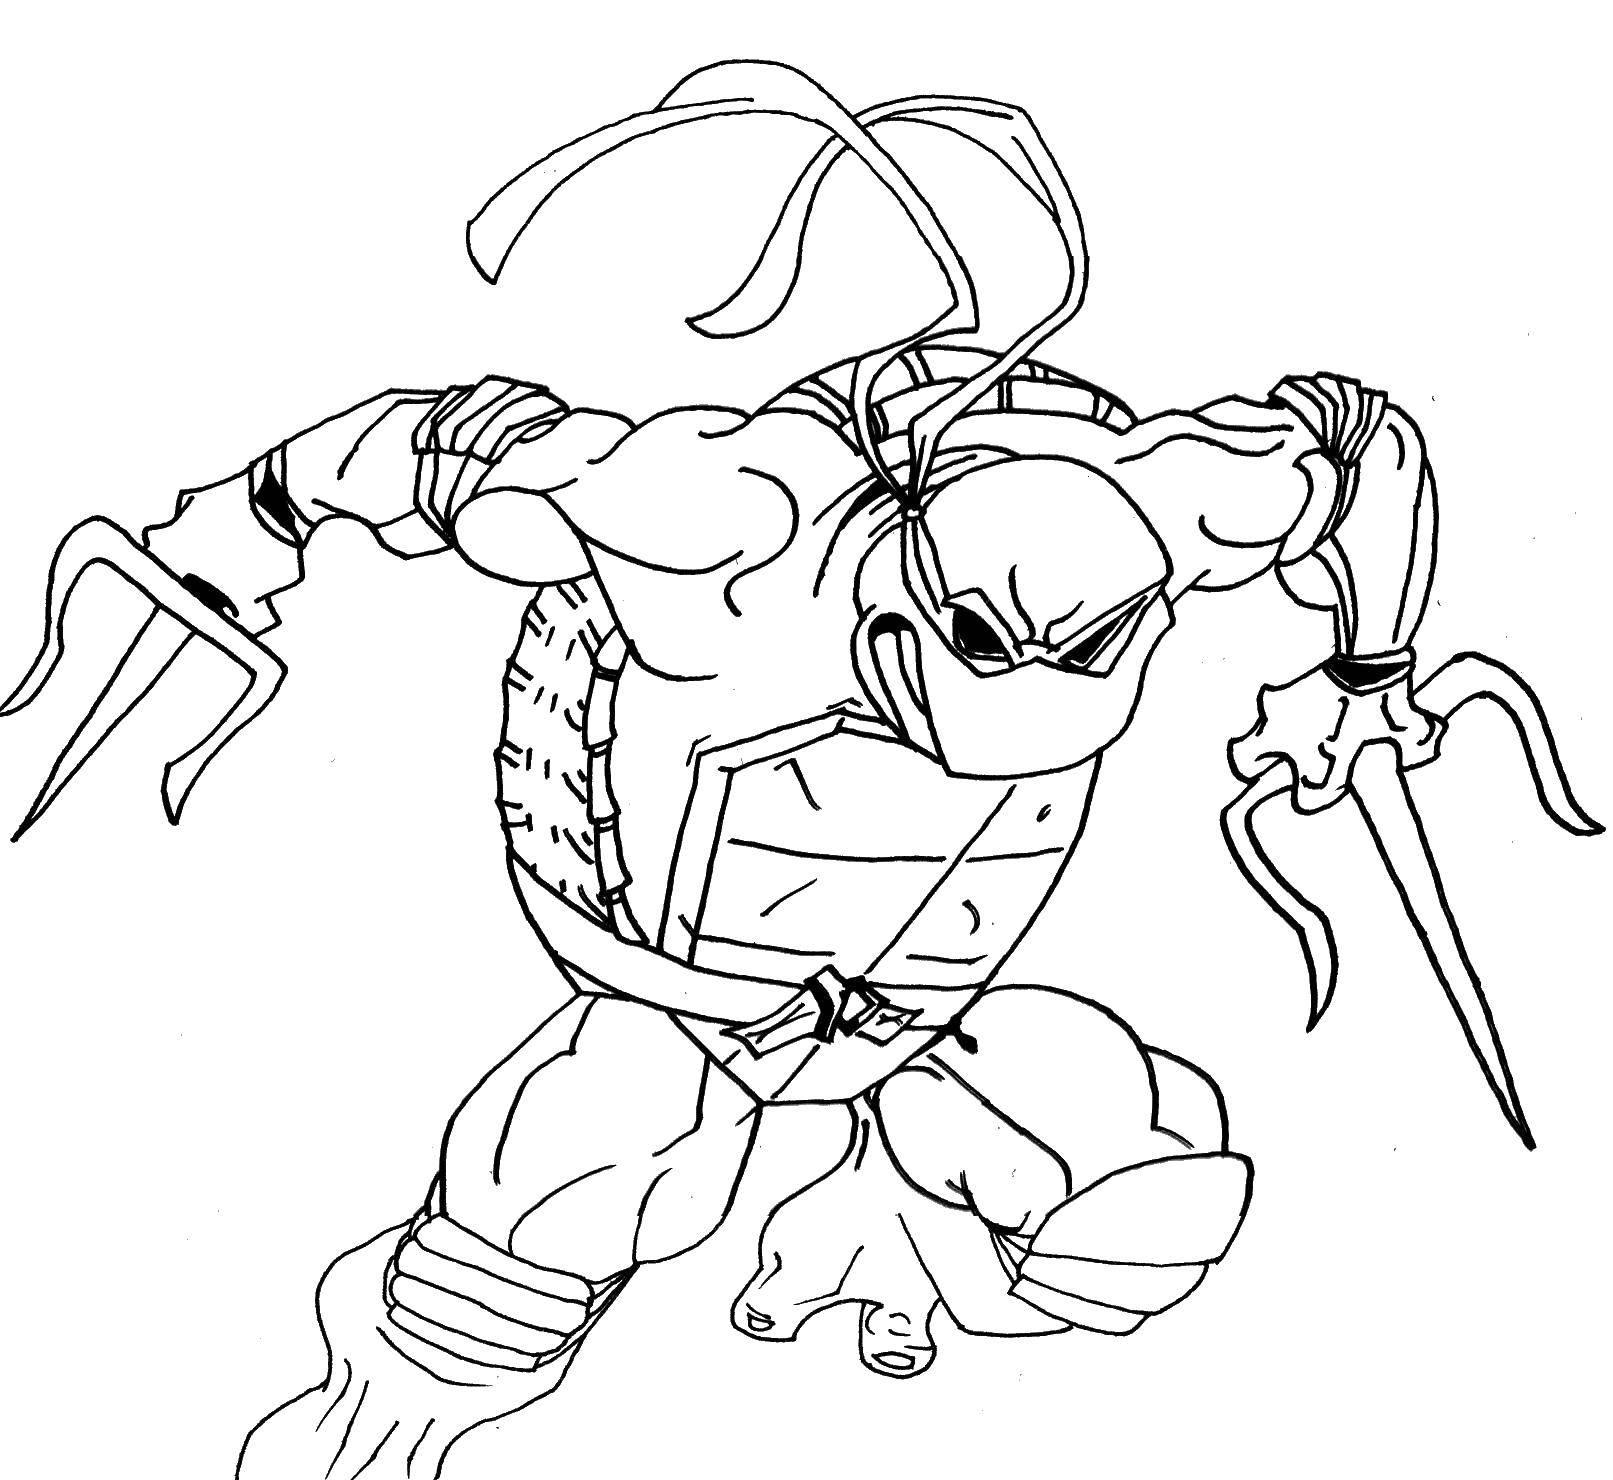 Раскраска Рафаэль нападает с мечами. Скачать Комиксы, Черепашки Ниндзя.  Распечатать ,черепашки ниндзя,